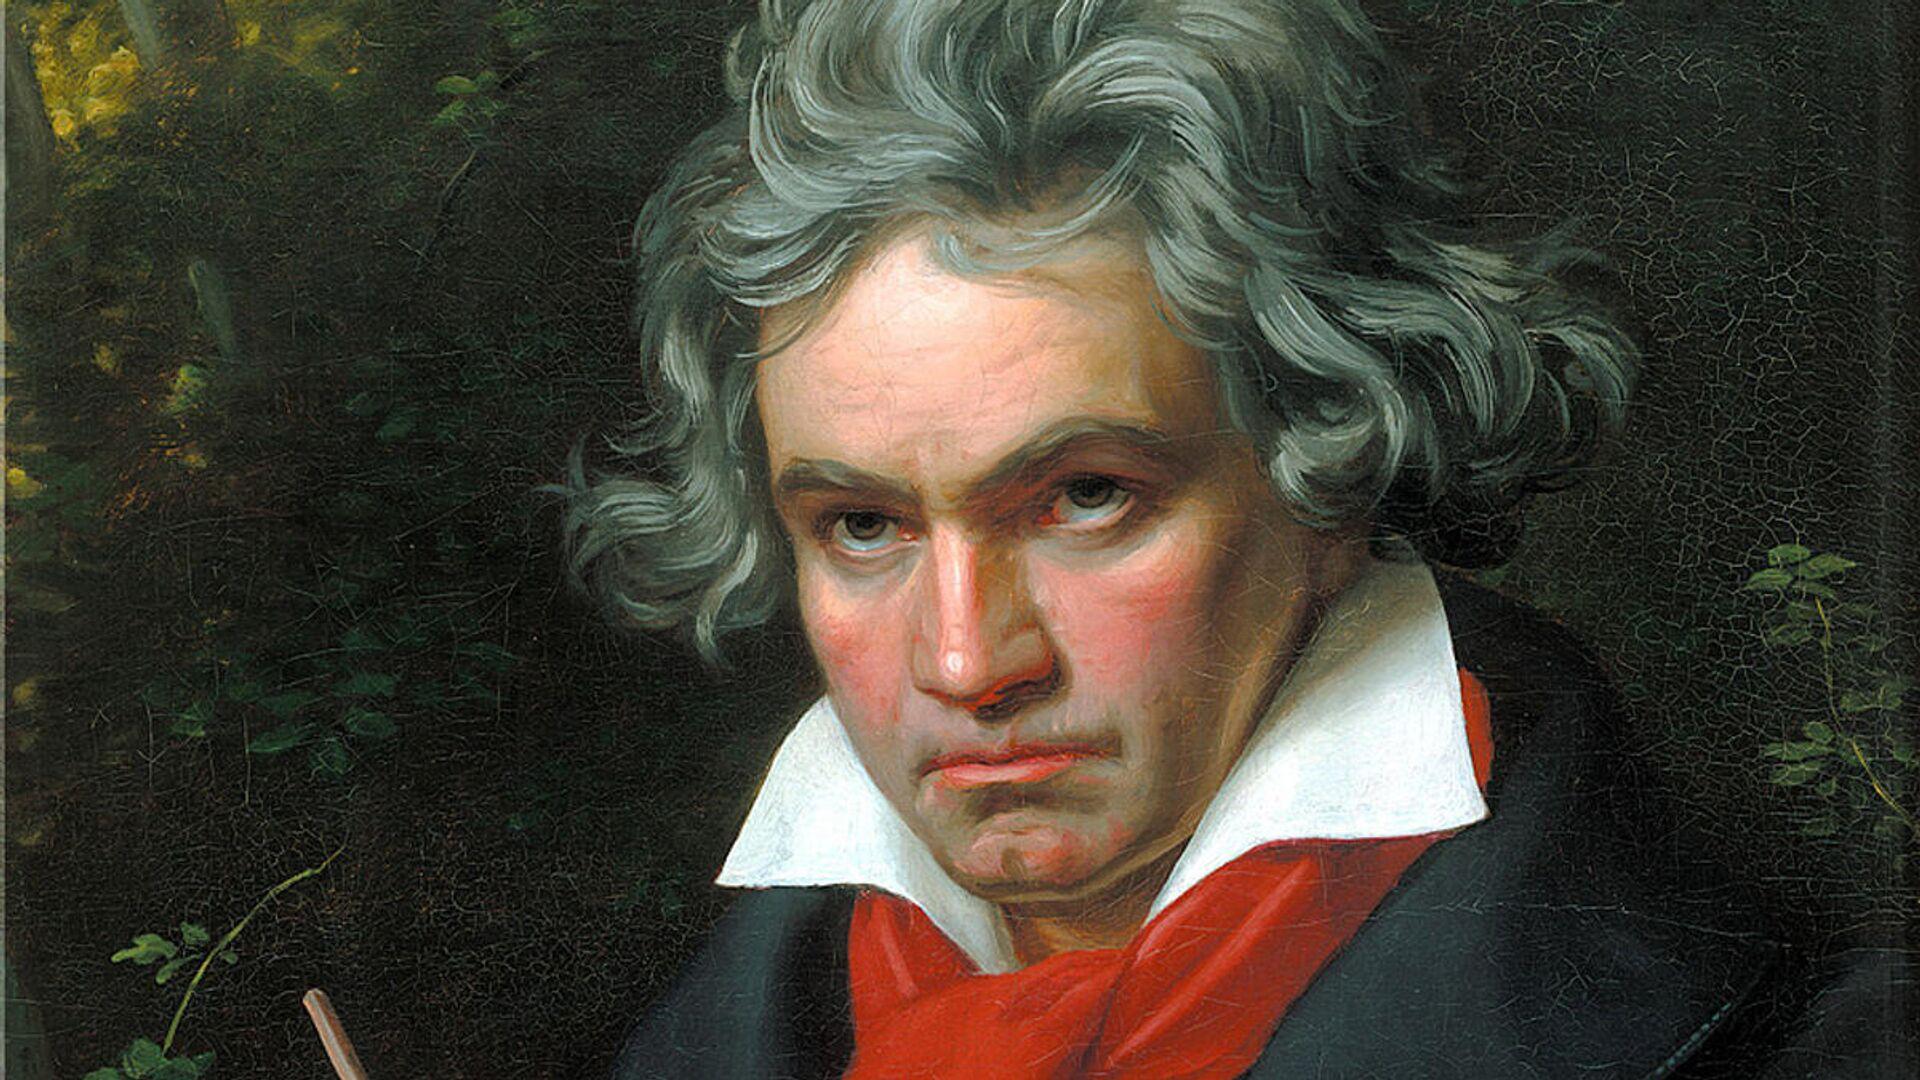 Porträt von Ludwig van Beethoven mit der Partitur der Missa Solemnis, 1820 gemalt von Joseph Karl Stieler, heute Teil der Sammlung Beethoven-Haus Bonn - SNA, 1920, 05.10.2021